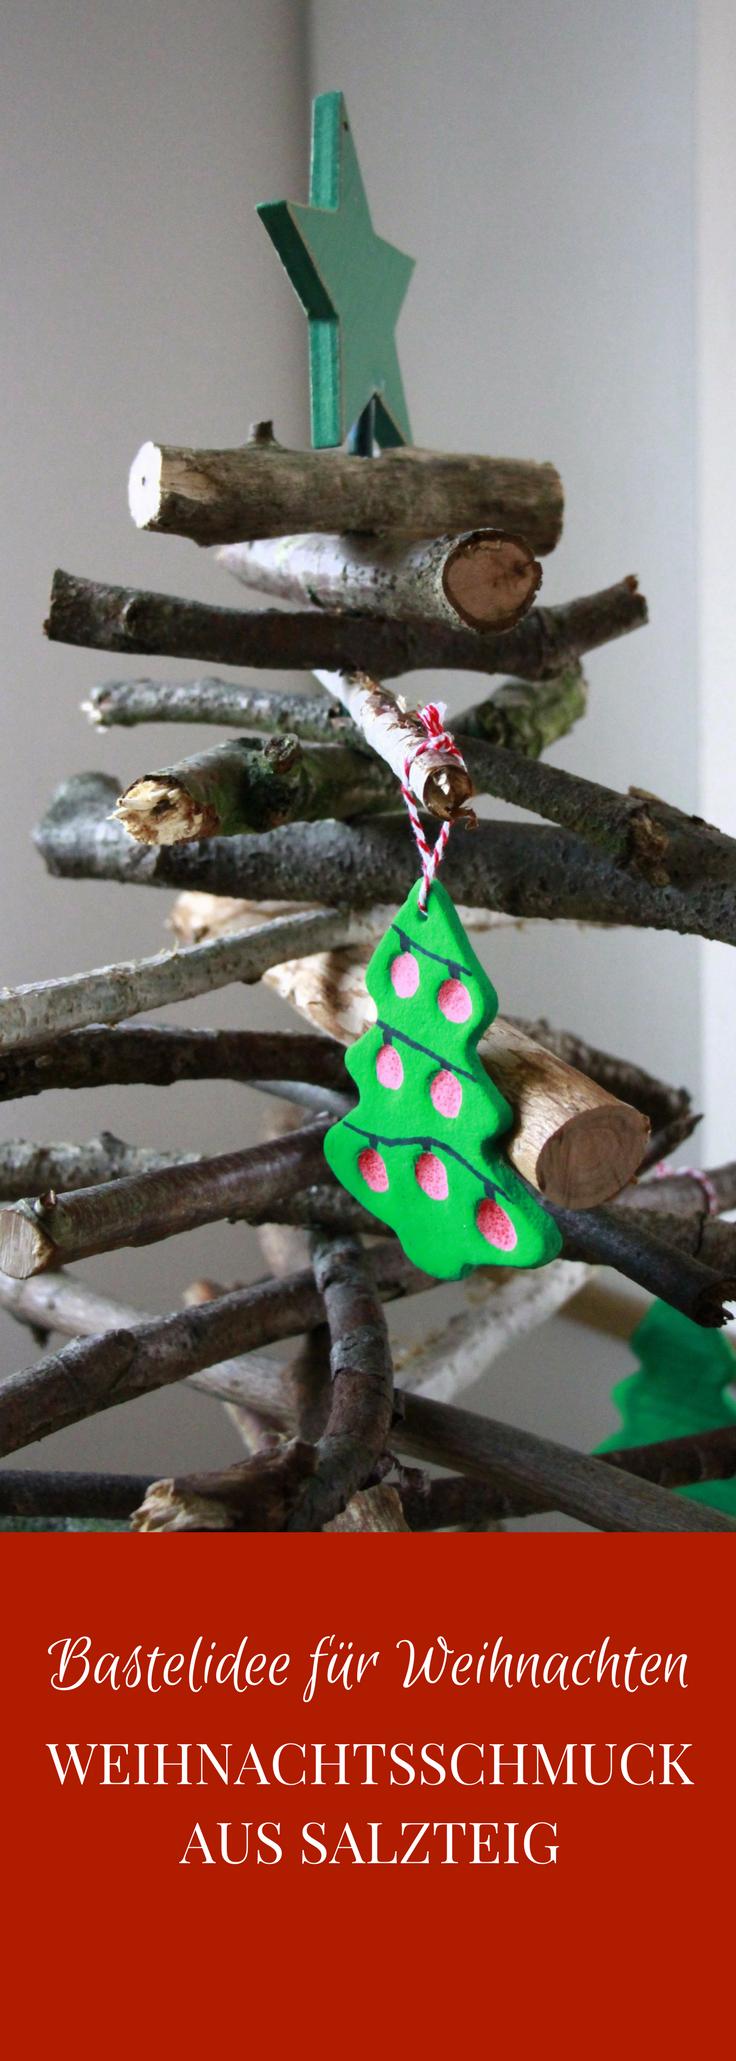 bastelidee f r weihnachten geschenkanh nger und weihnachtsbaumschmuck aus salzteig diy kinder. Black Bedroom Furniture Sets. Home Design Ideas